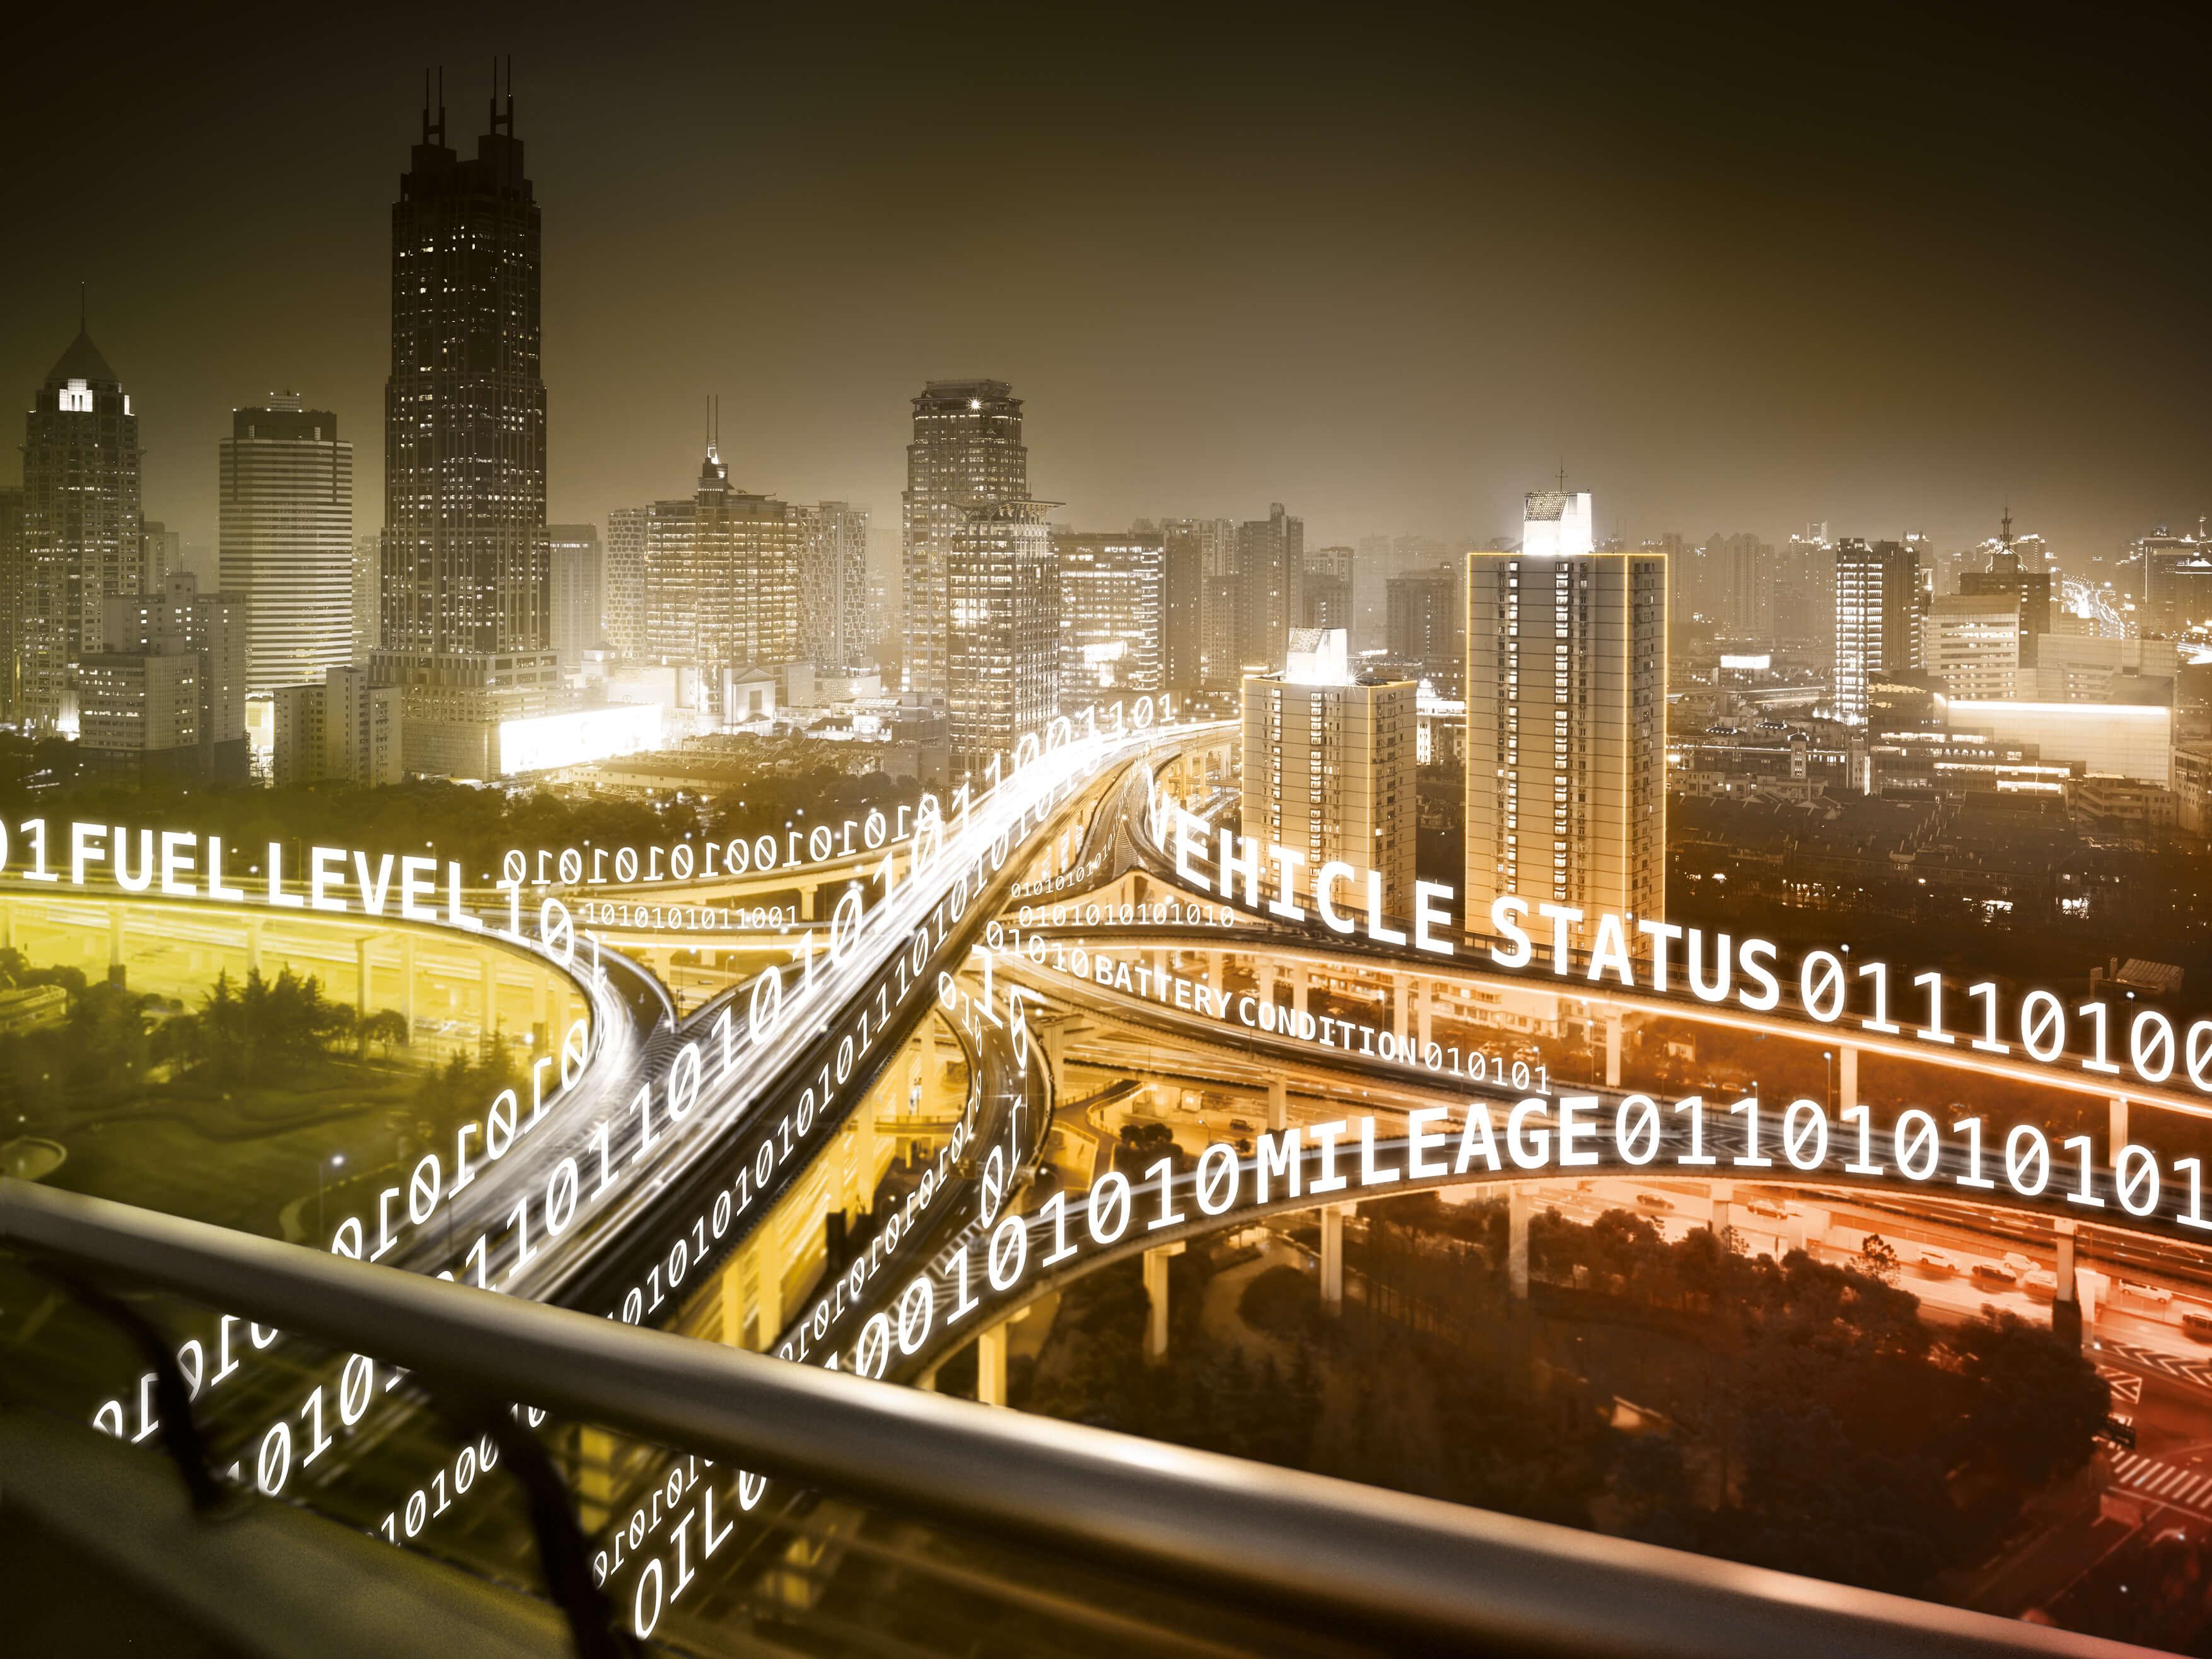 BMW Group teilt ihre Verkehrsdaten mit dem ersten europäischen Neutralen Server Projekt. Daten werden zusätzlich unter einer freien Lizenz jedem zur Verfügung gestellt.